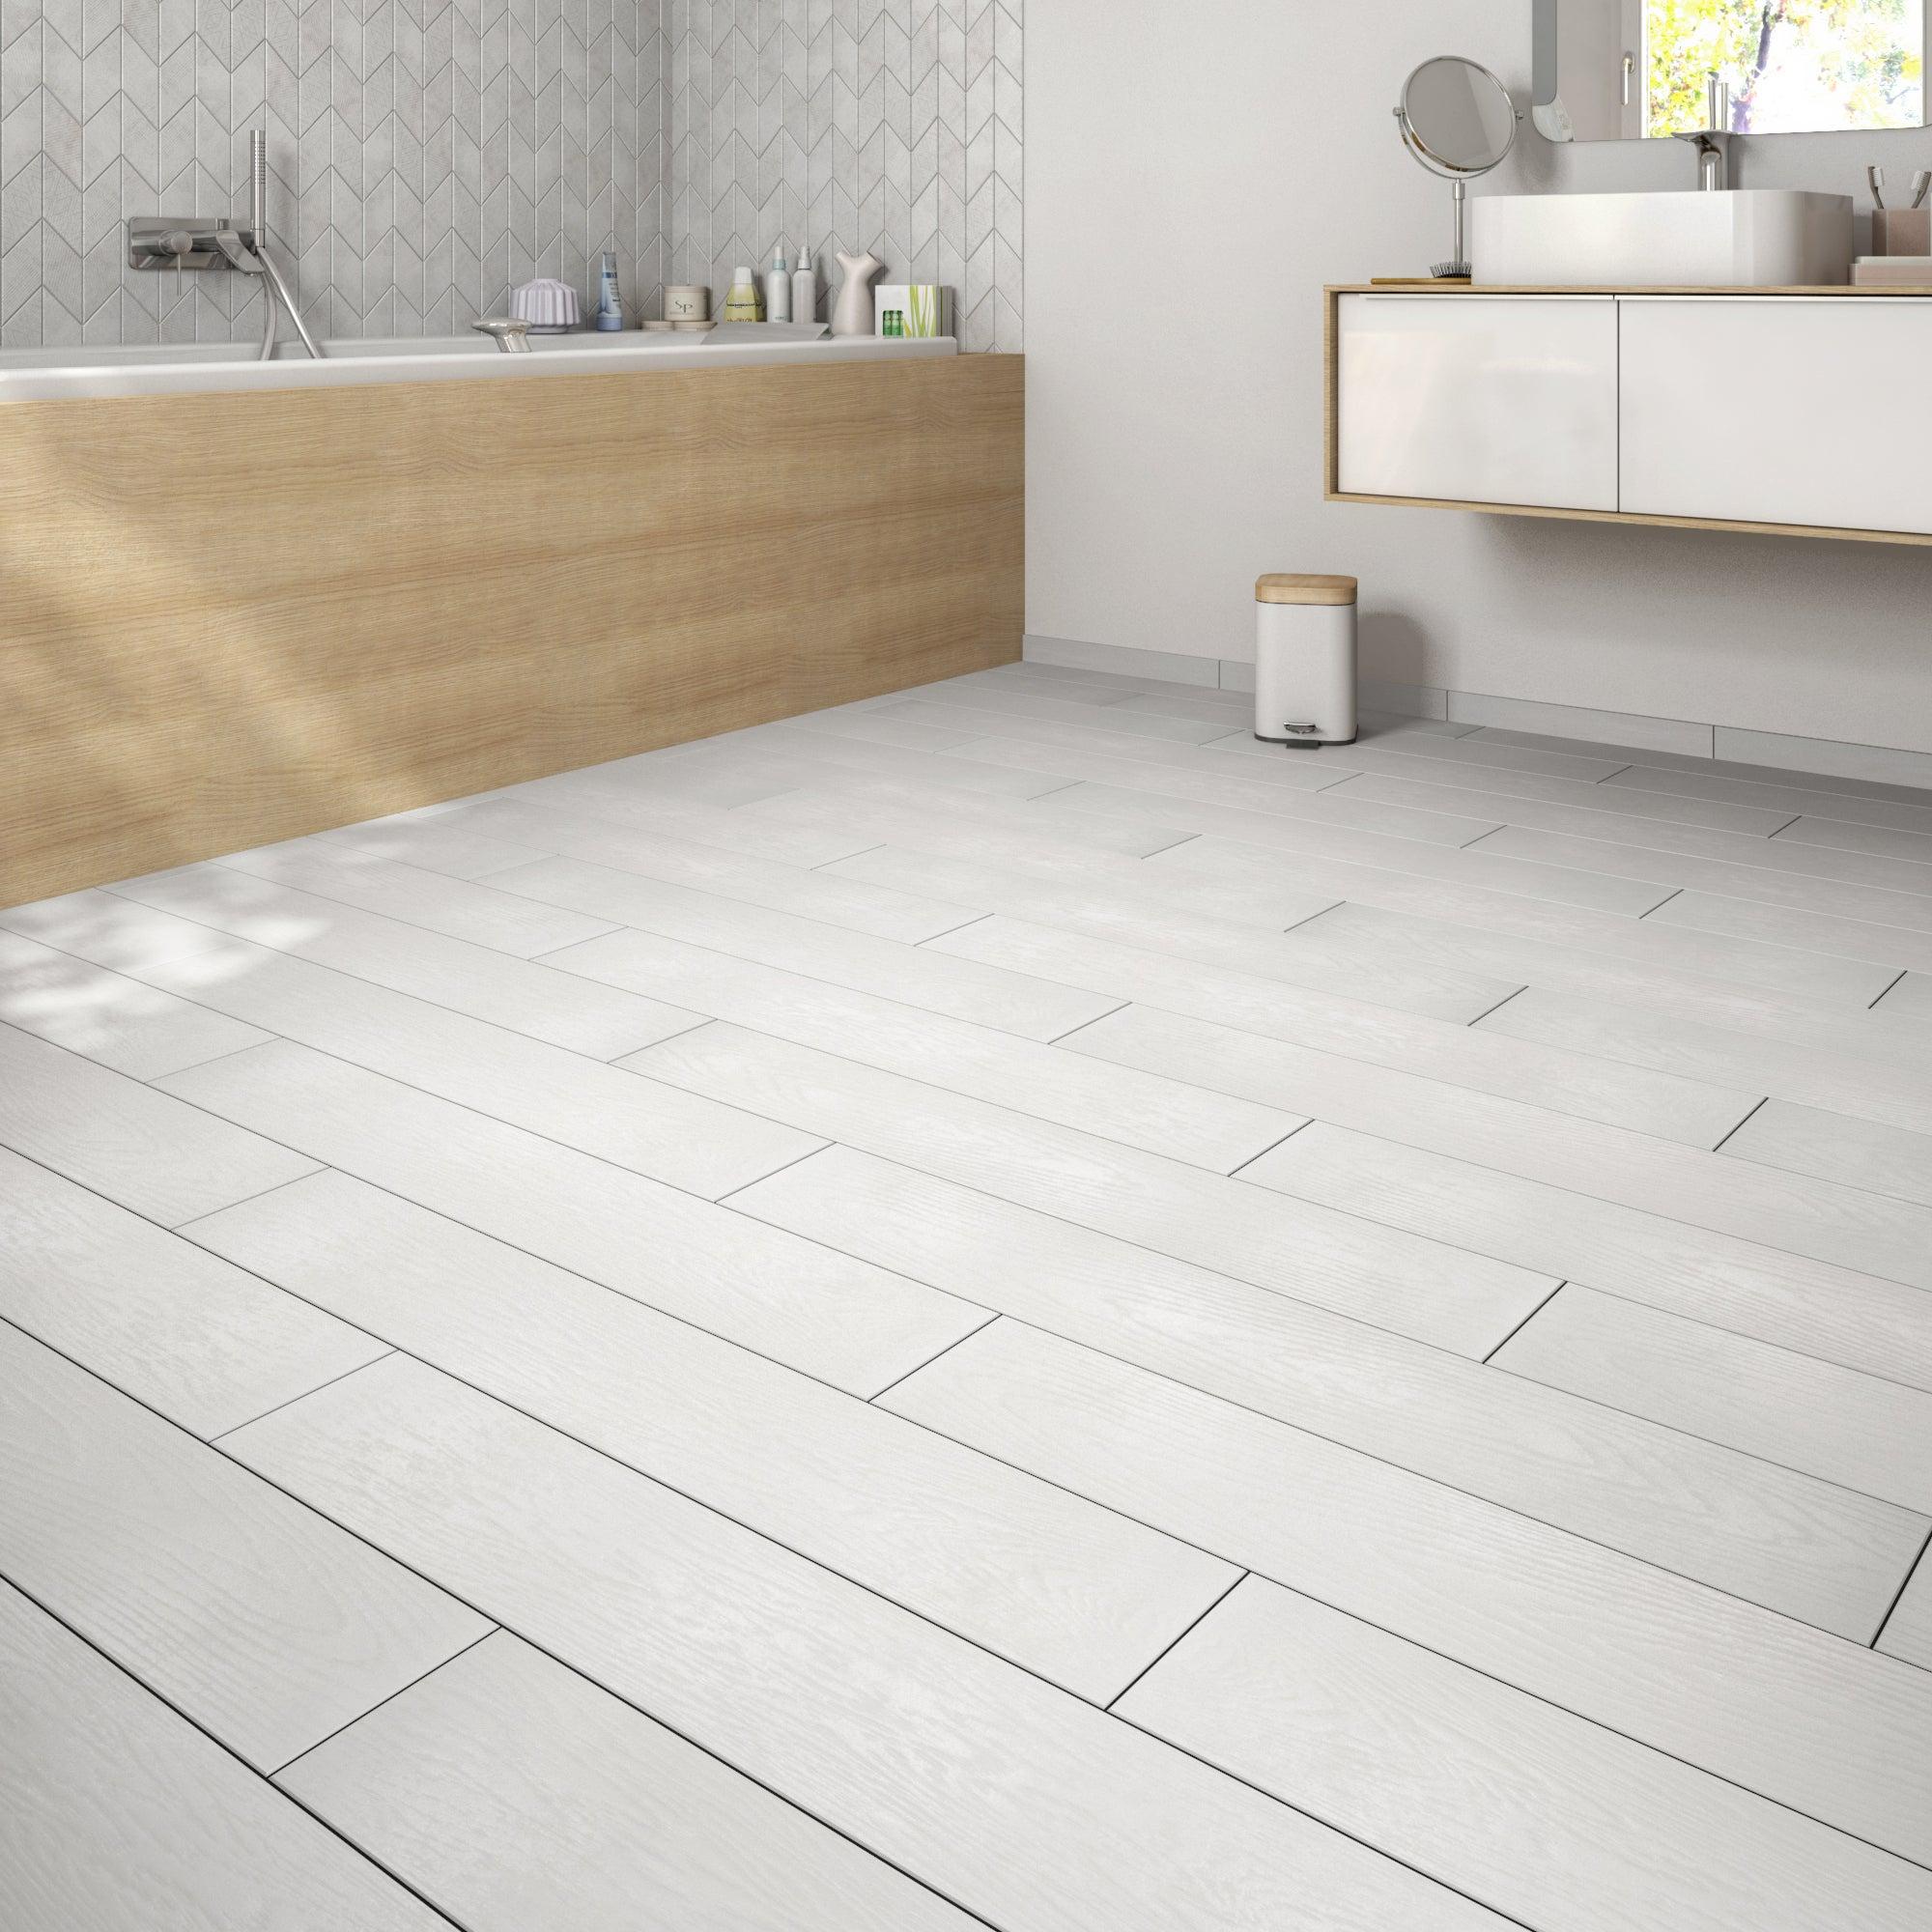 Carrelage Sol Et Mur Blanc Effet Bois Colorata L.15 X L.90 Cm destiné Carrelage Colorata Noir